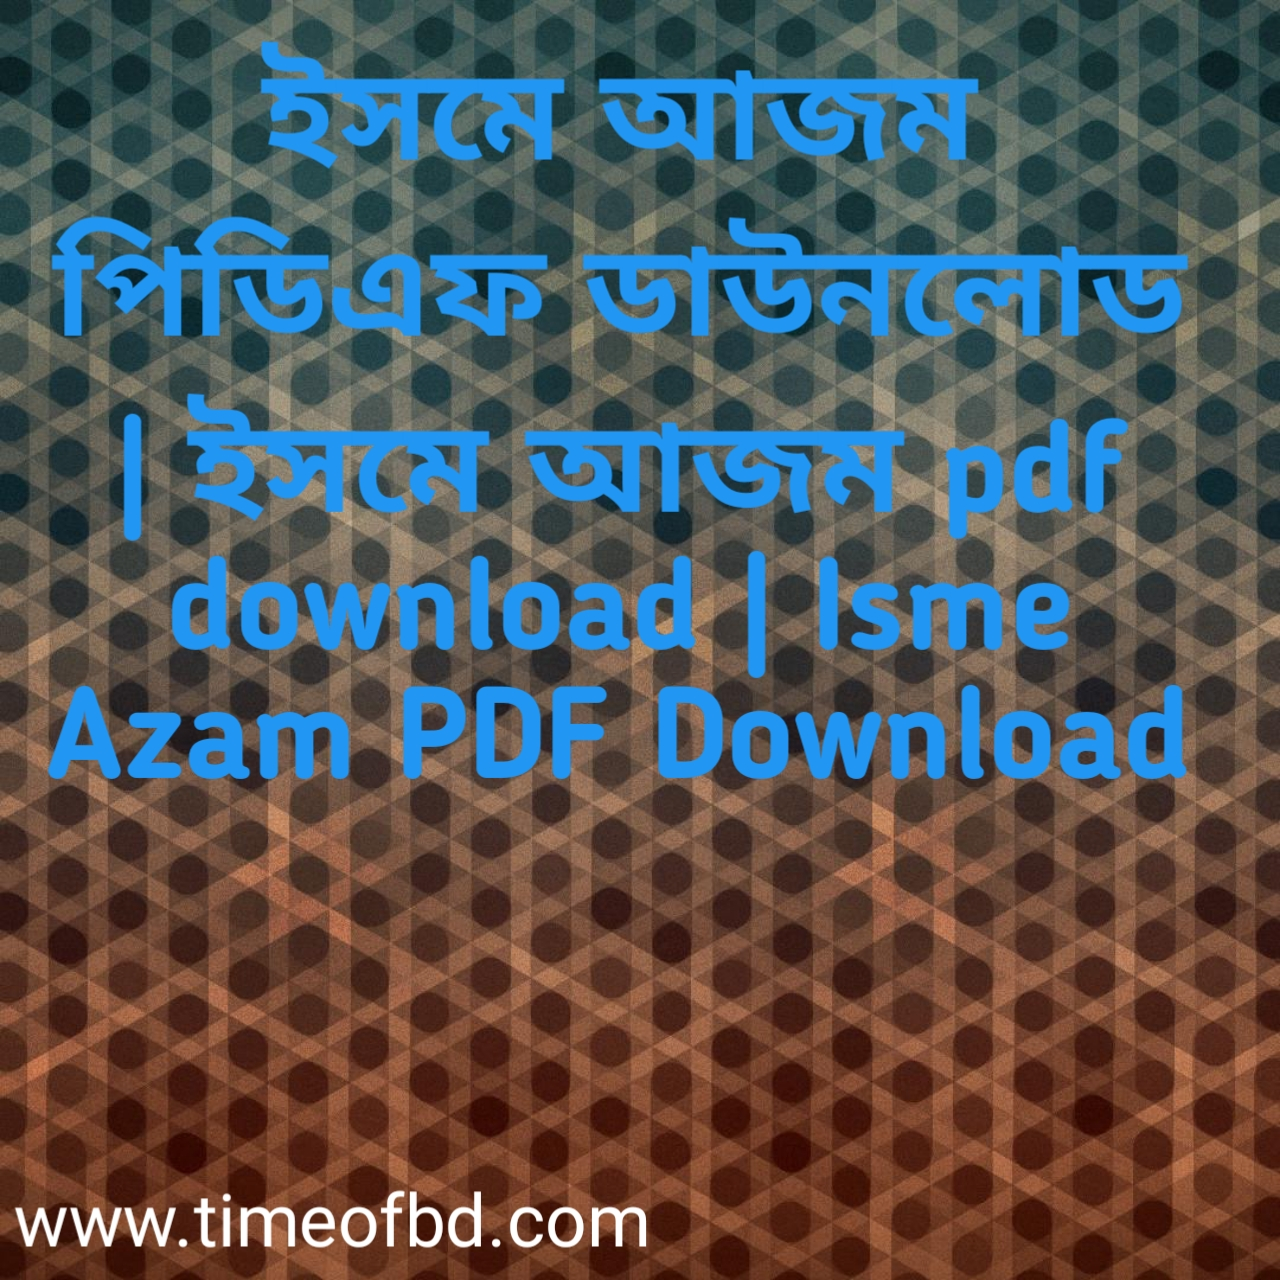 ইসমে আজম pdf, ইসমে আজম পিডিএফ ডাউনলোড, ইসমে আজম pdf download, ইসমে আজম পিডিএফ,